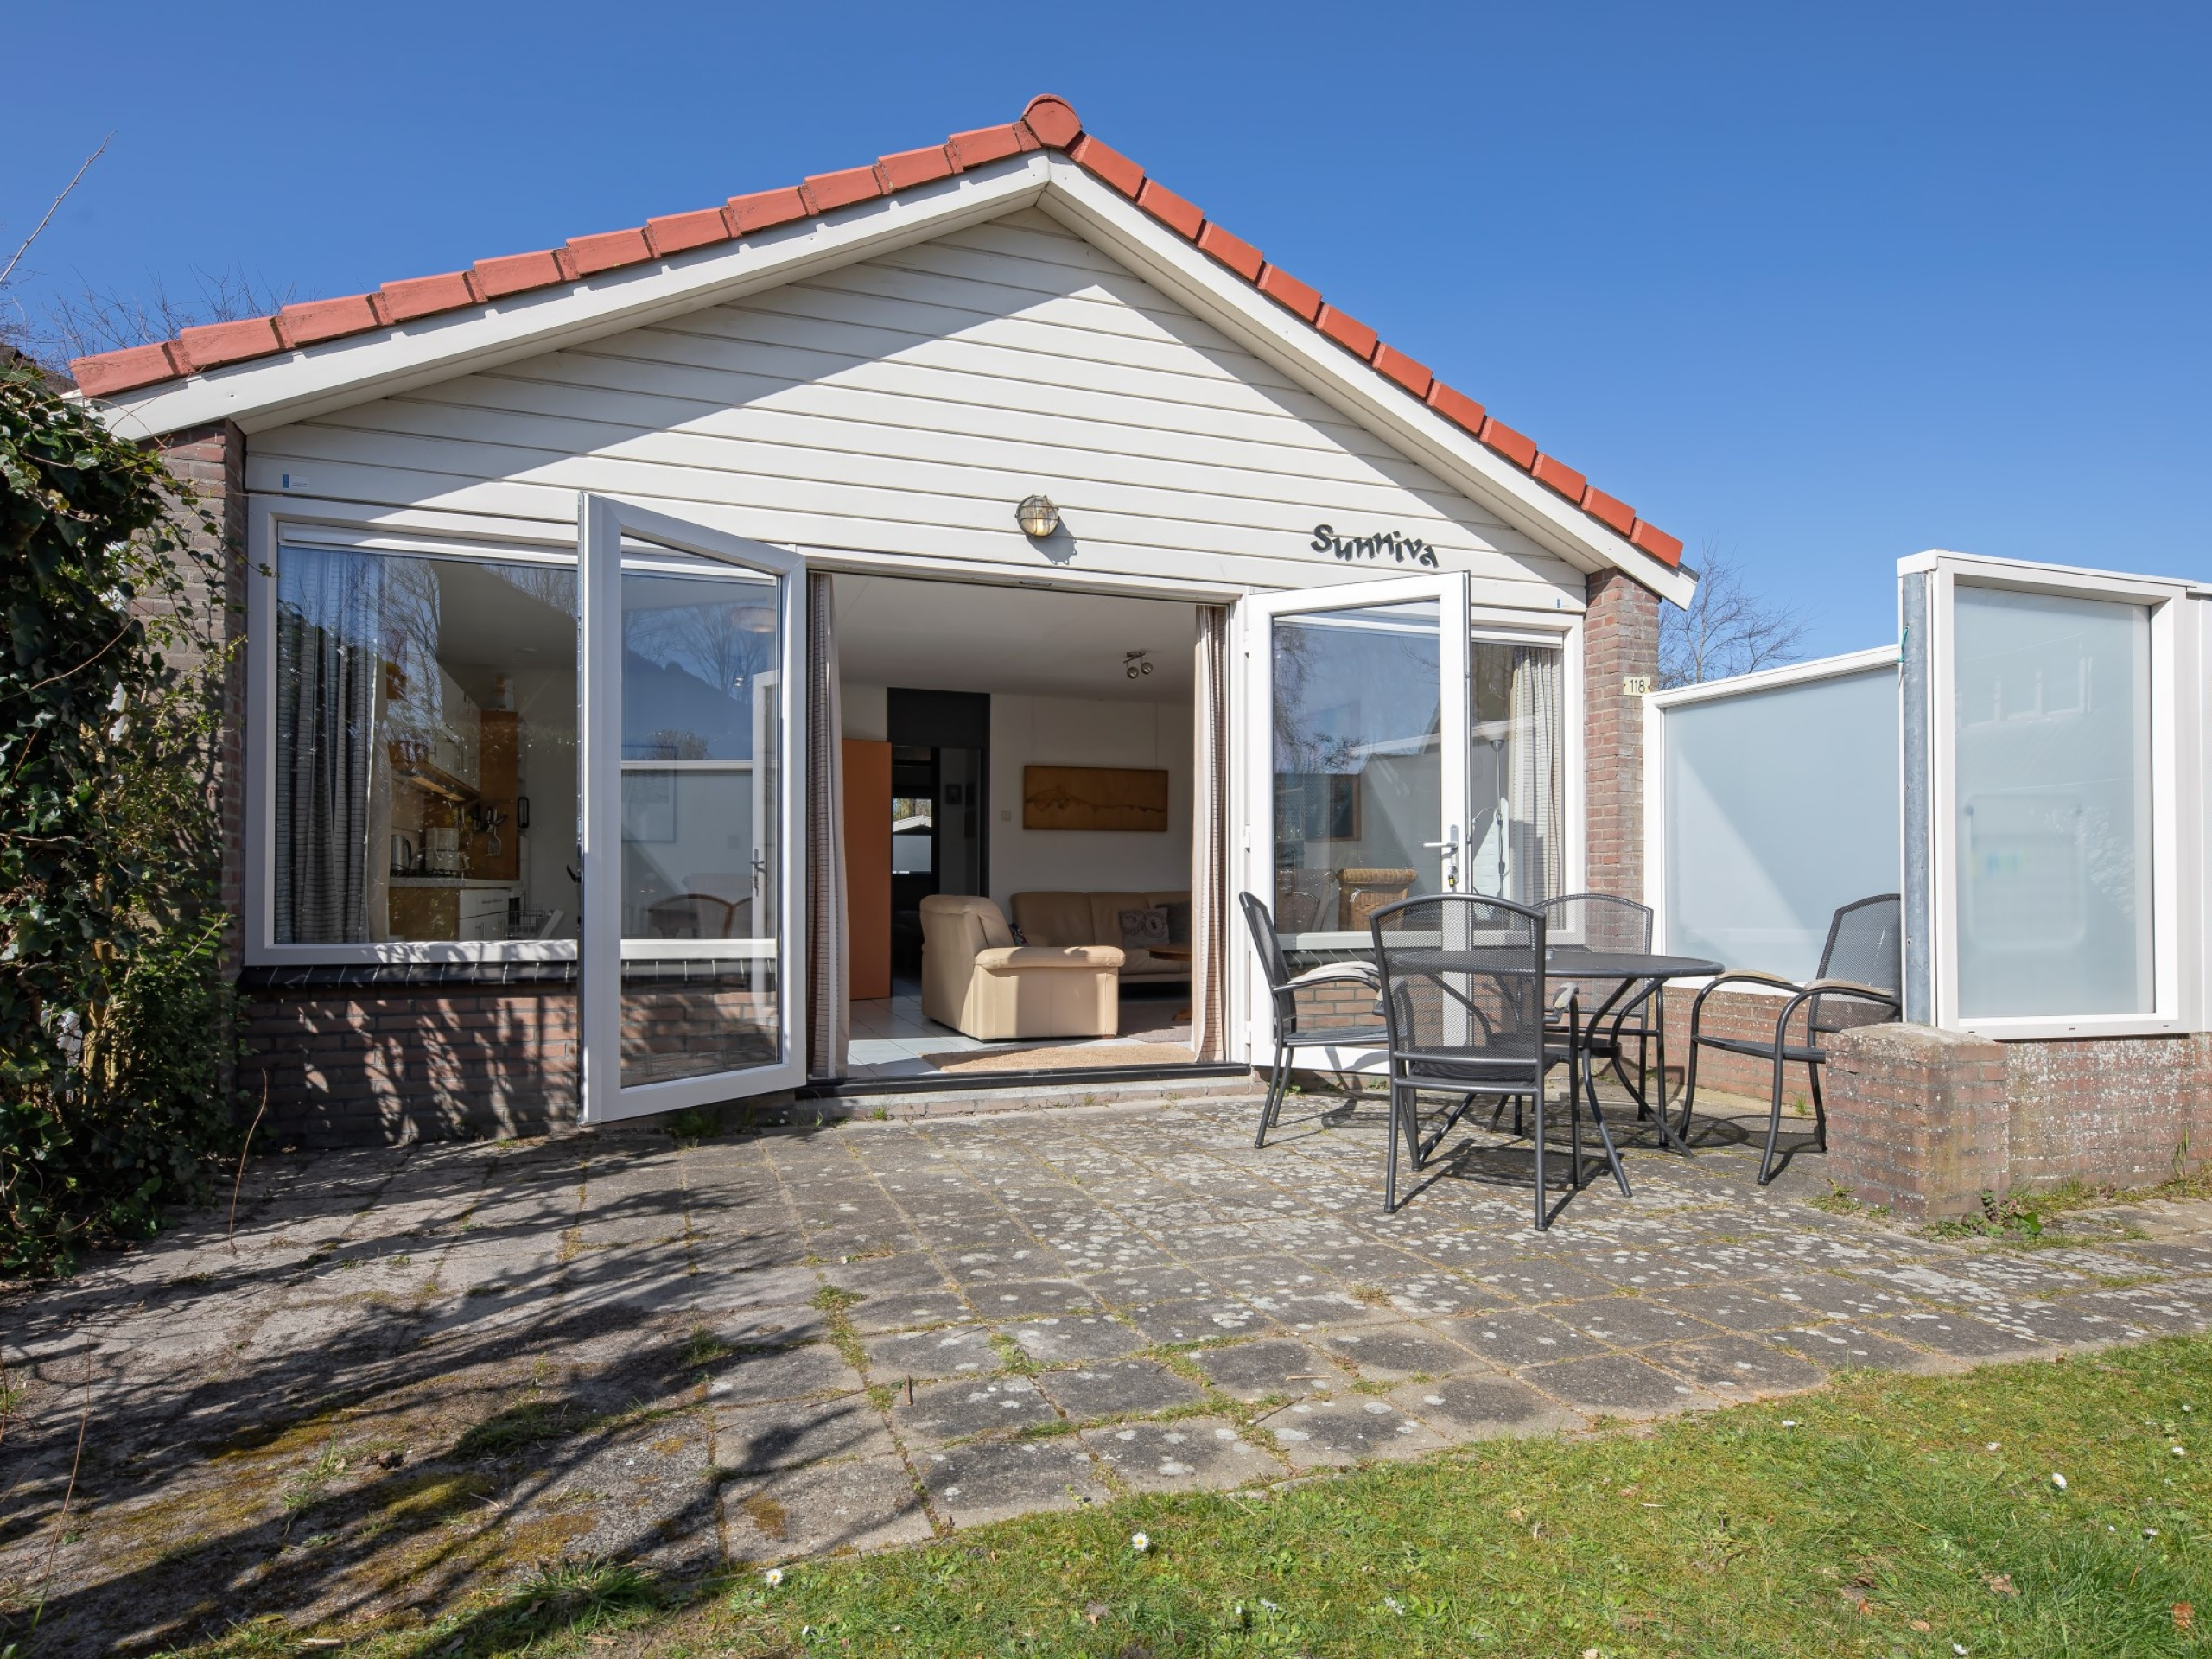 Haustierfreies Ferienhaus mit Garten bei De Cocksdorp